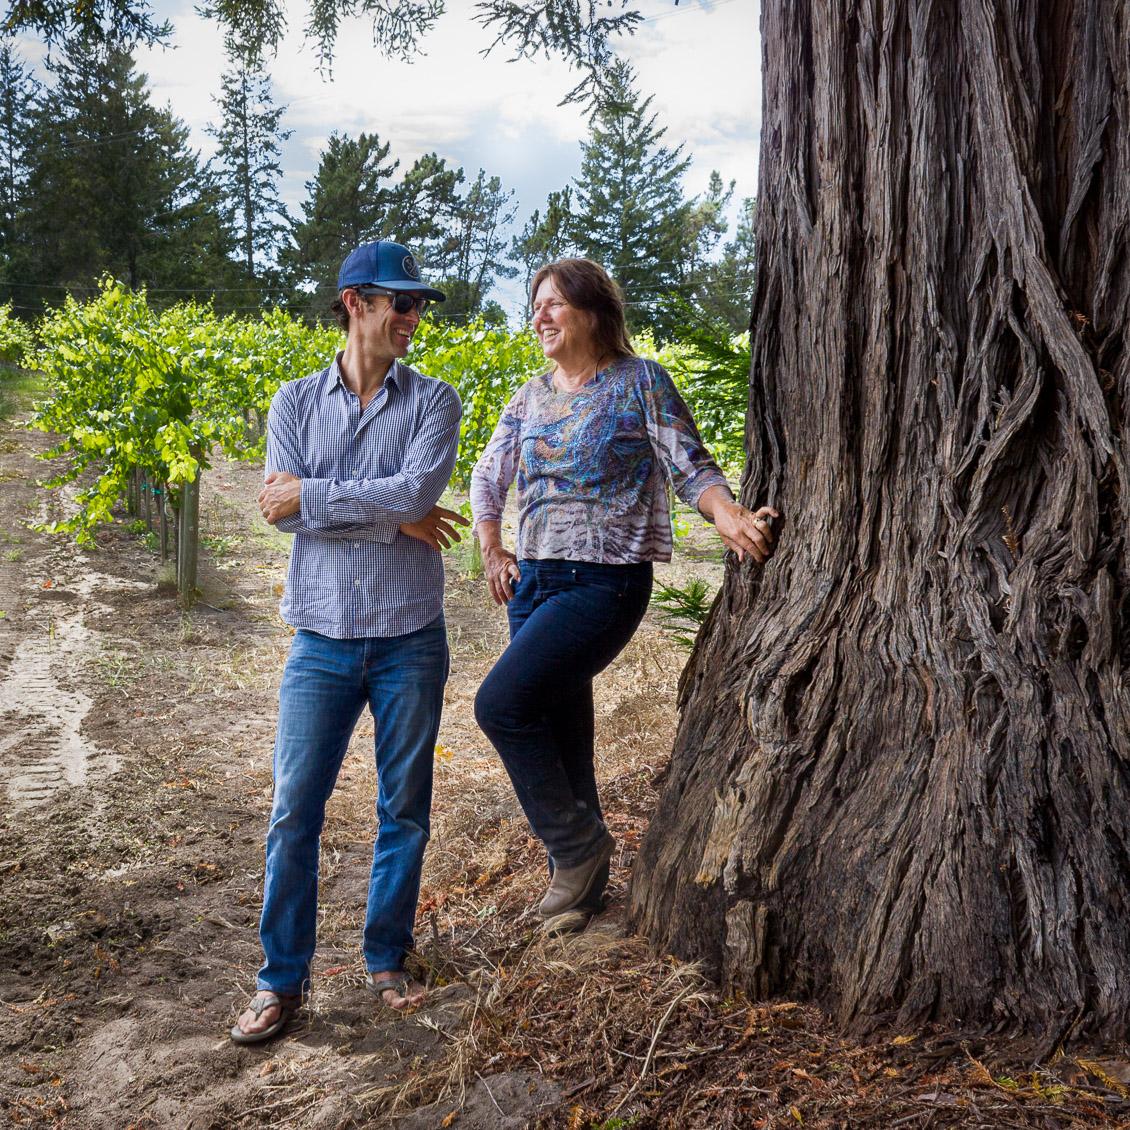 Matt Licklider with Prudy Foxx at Beauregard Vineyard in the Santa Cruz Mountains